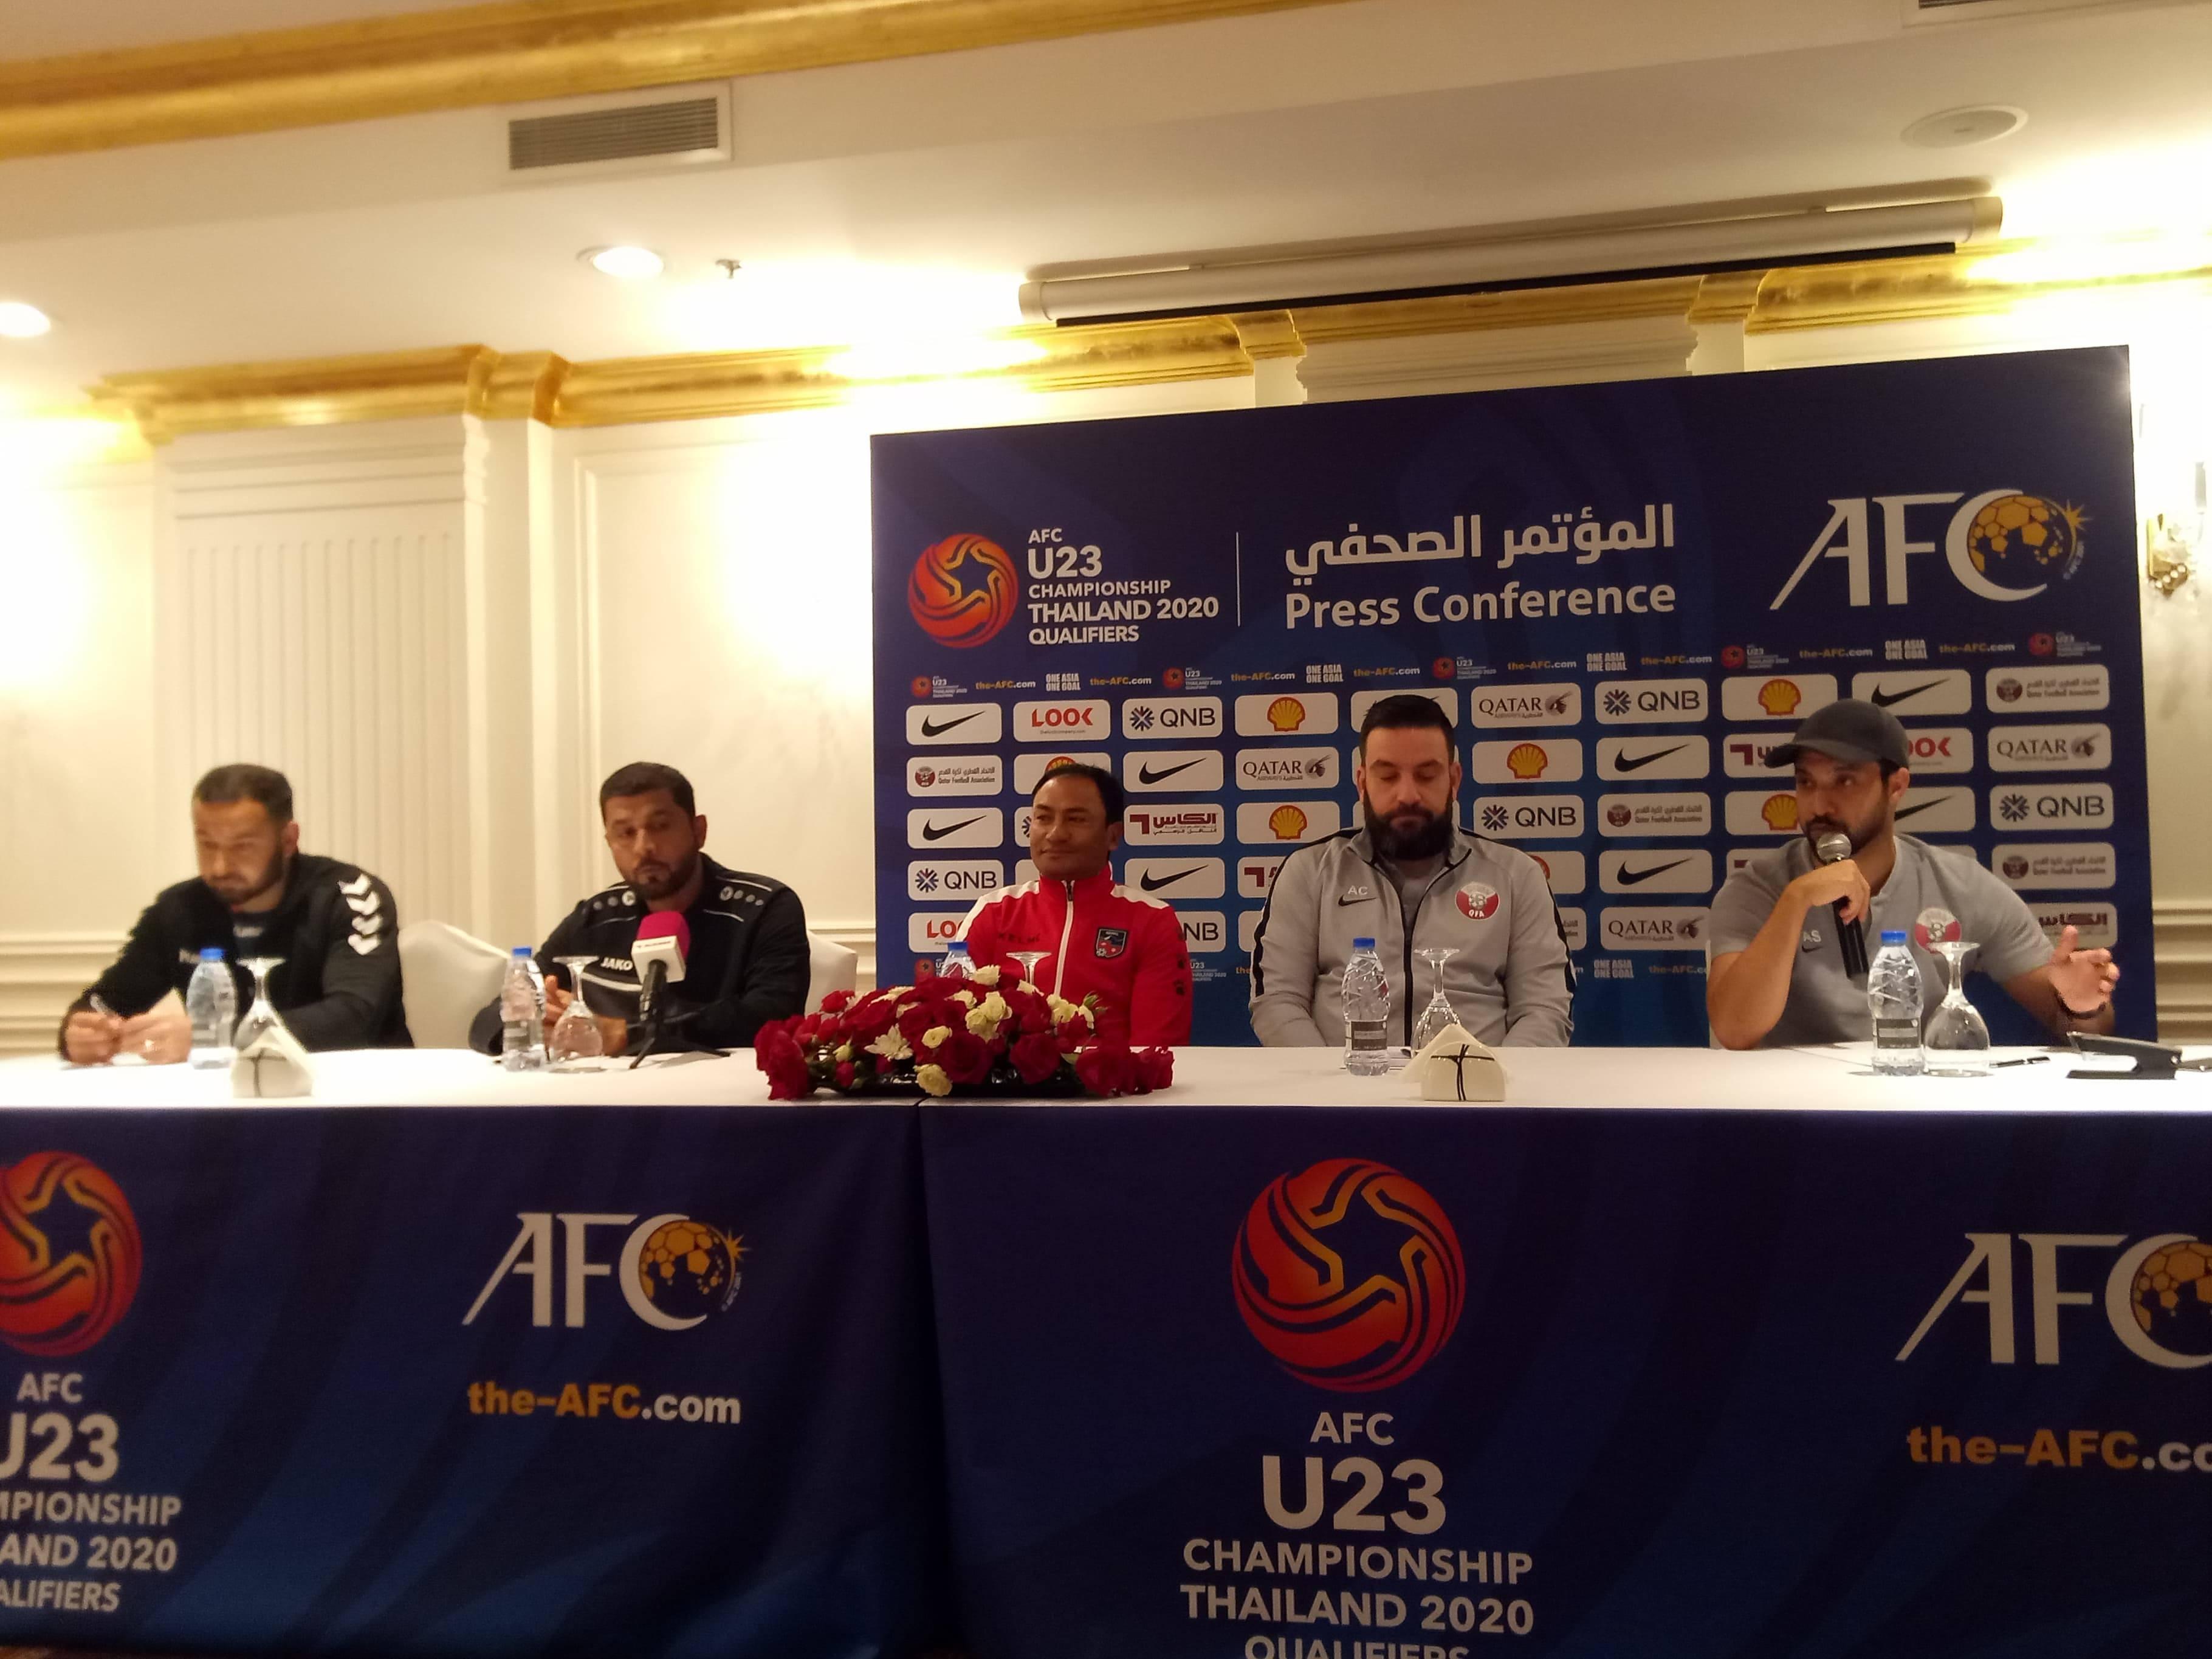 एएफसी यू-२३ च्याम्पियनसिप क्वालिफायर : नेपालले भोलि ओमानसँग खेल्दै